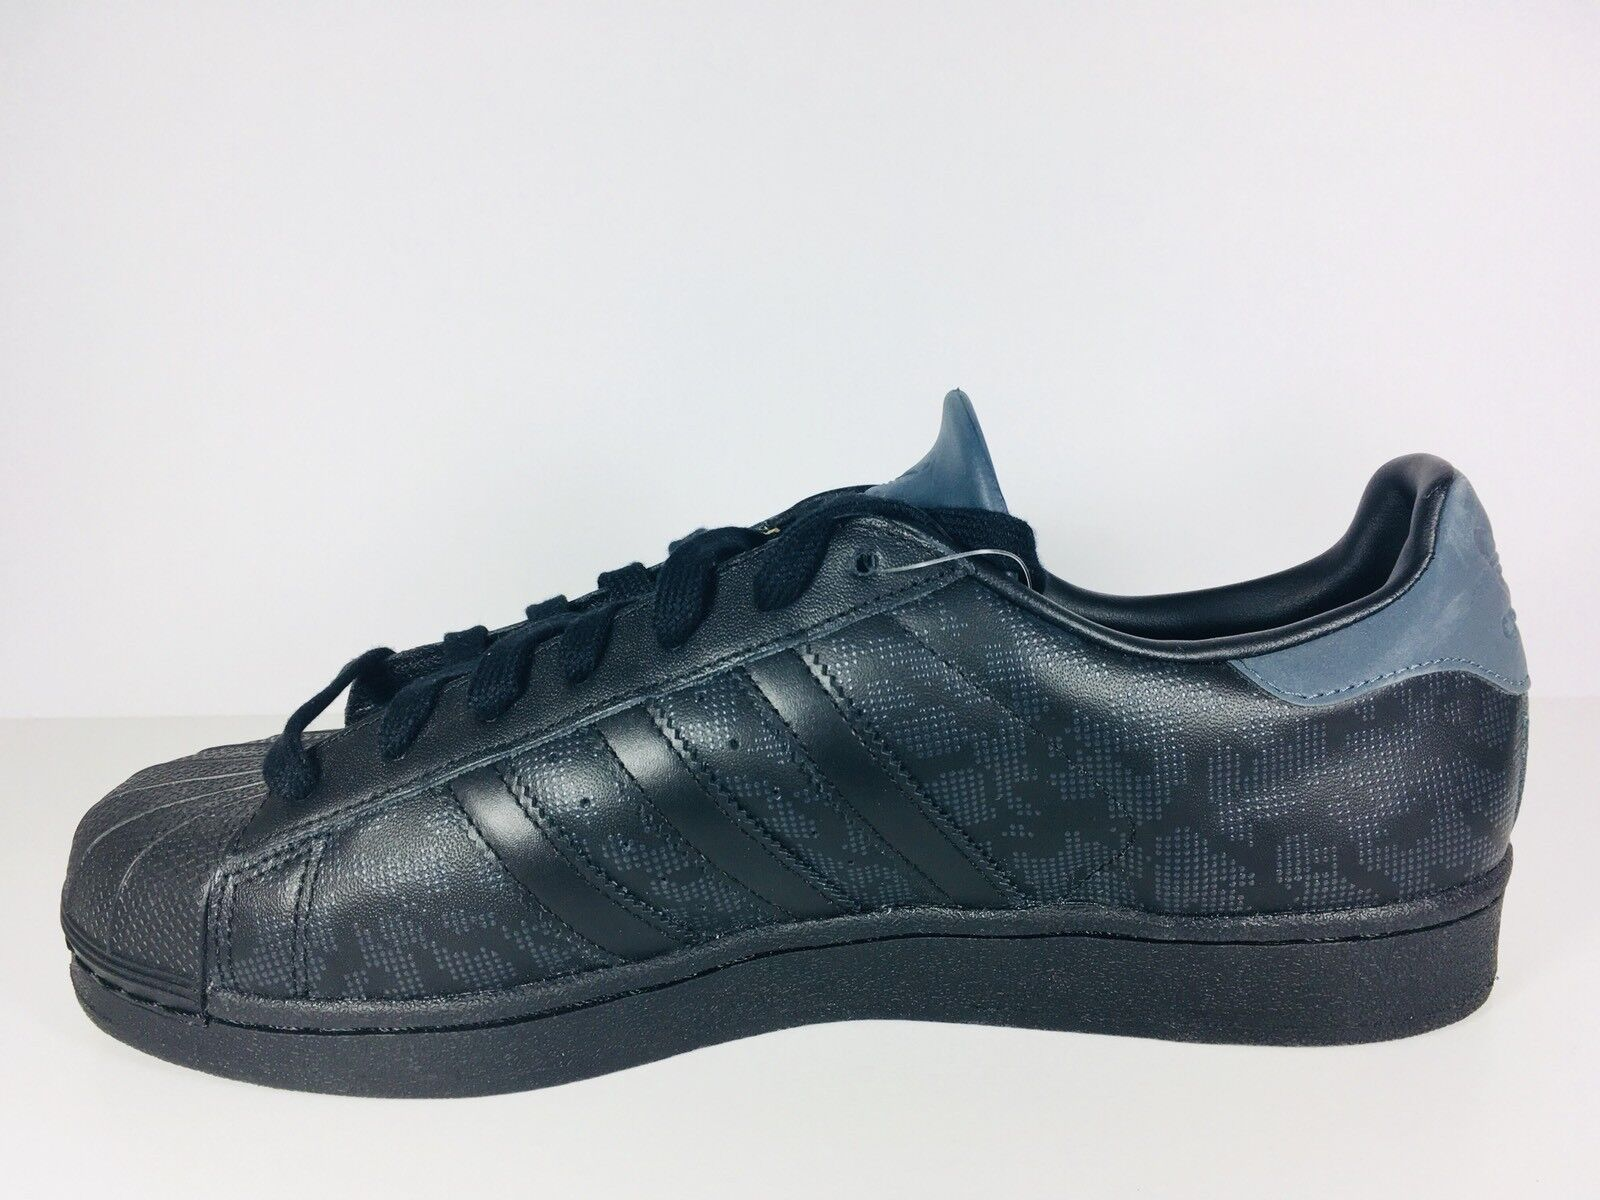 adidas onix originals superstar camo schwarz / onix adidas b33823 mens - 10 b4e566